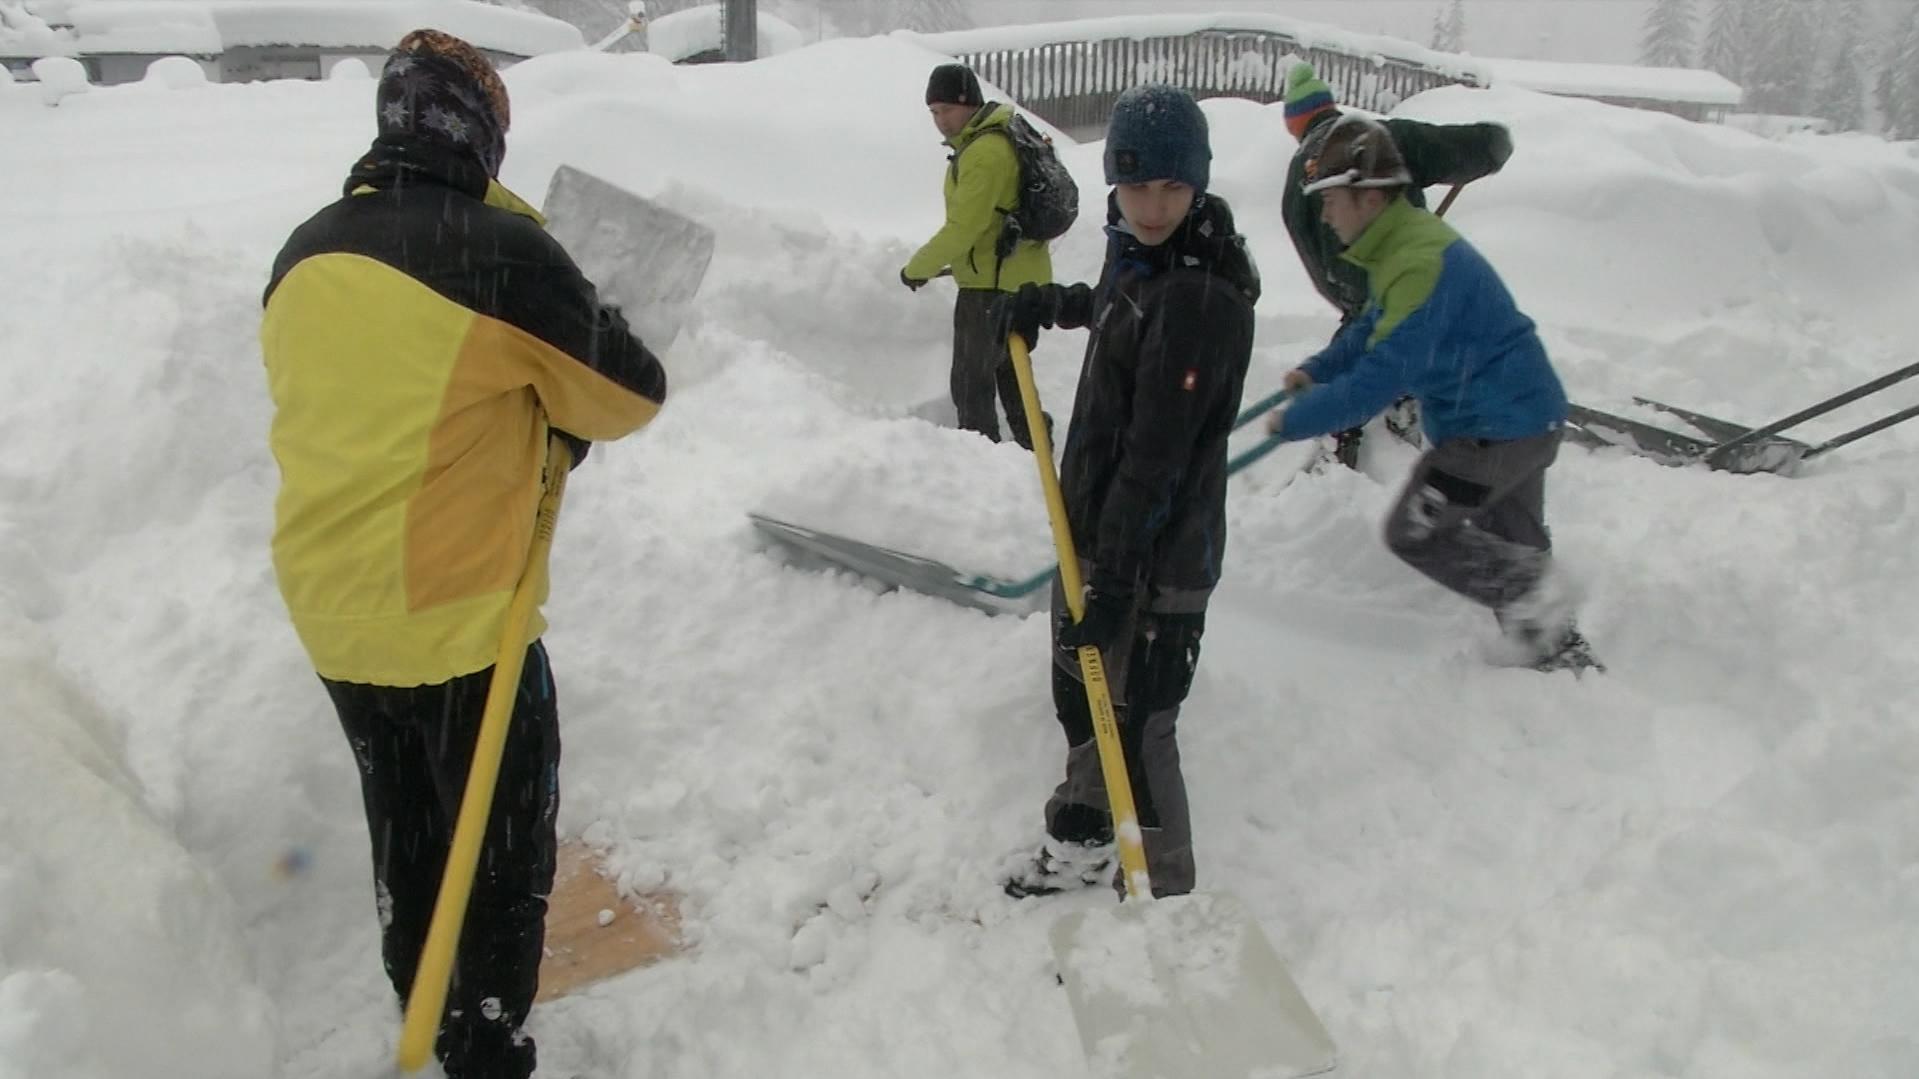 Männer beim Schneeschaufeln